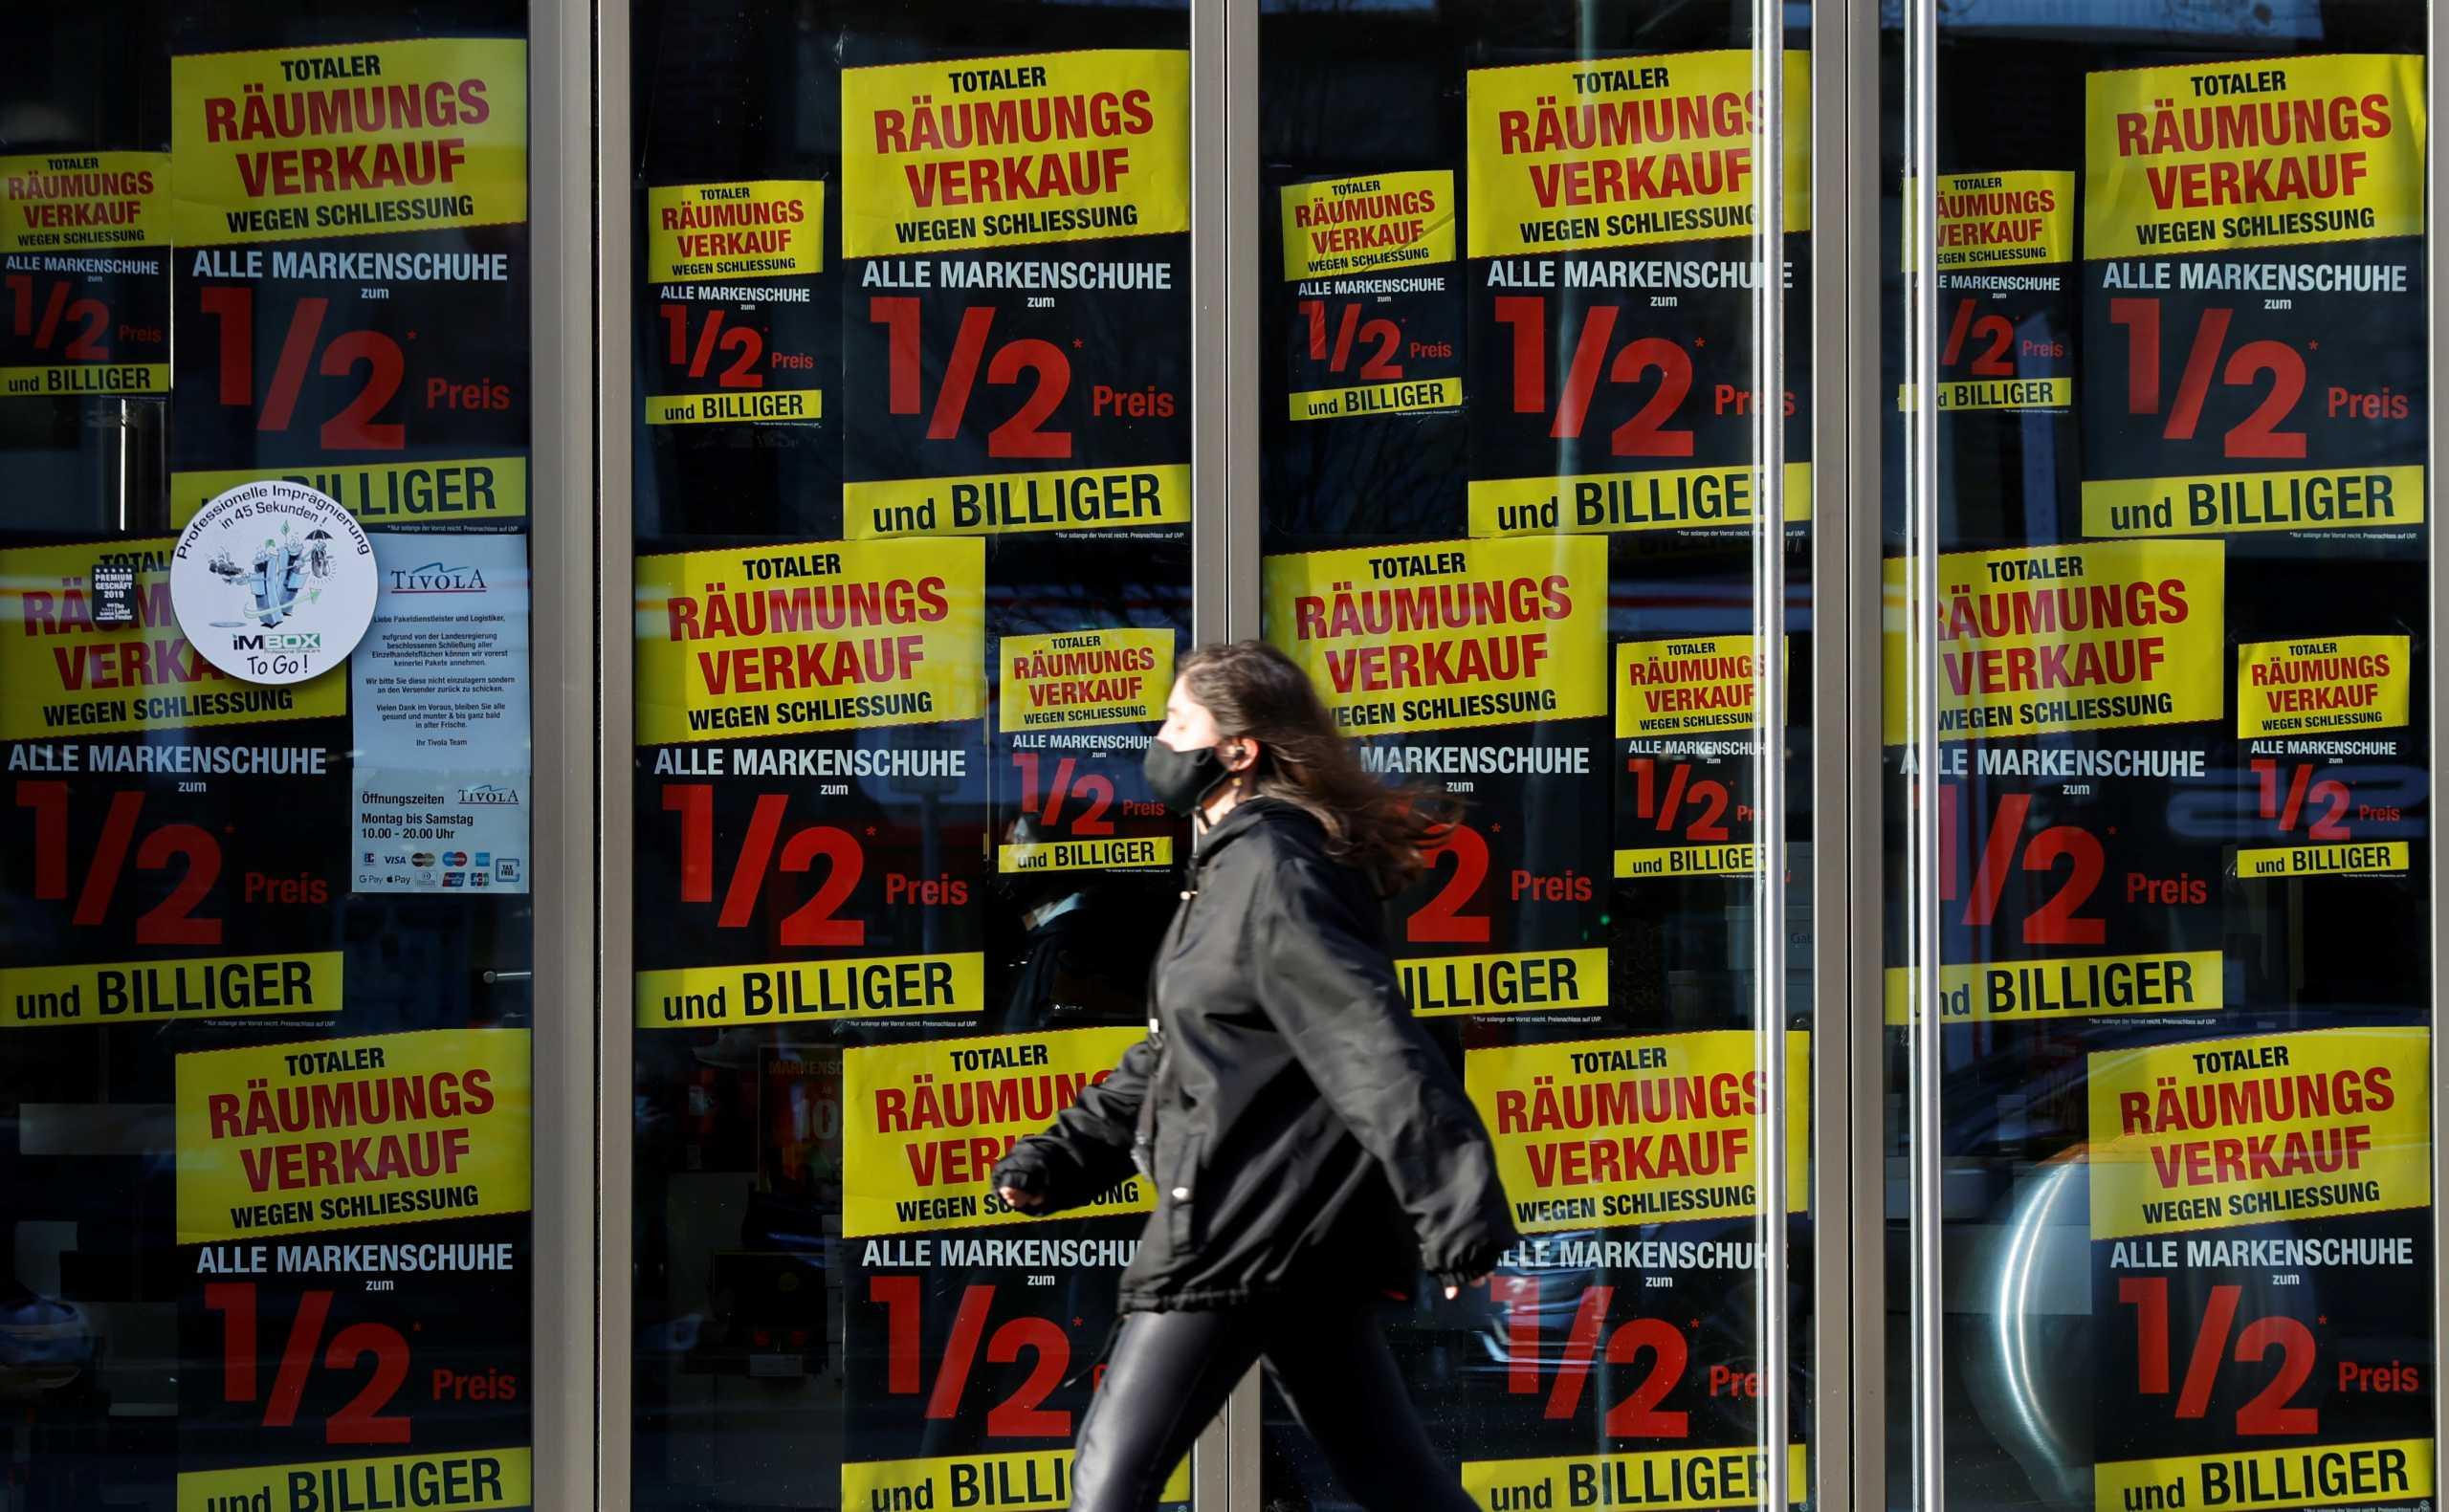 Πρόταση σοκ Γερμανού ανοσολόγου: Να γίνει  πανευρωπαϊκό lockdown